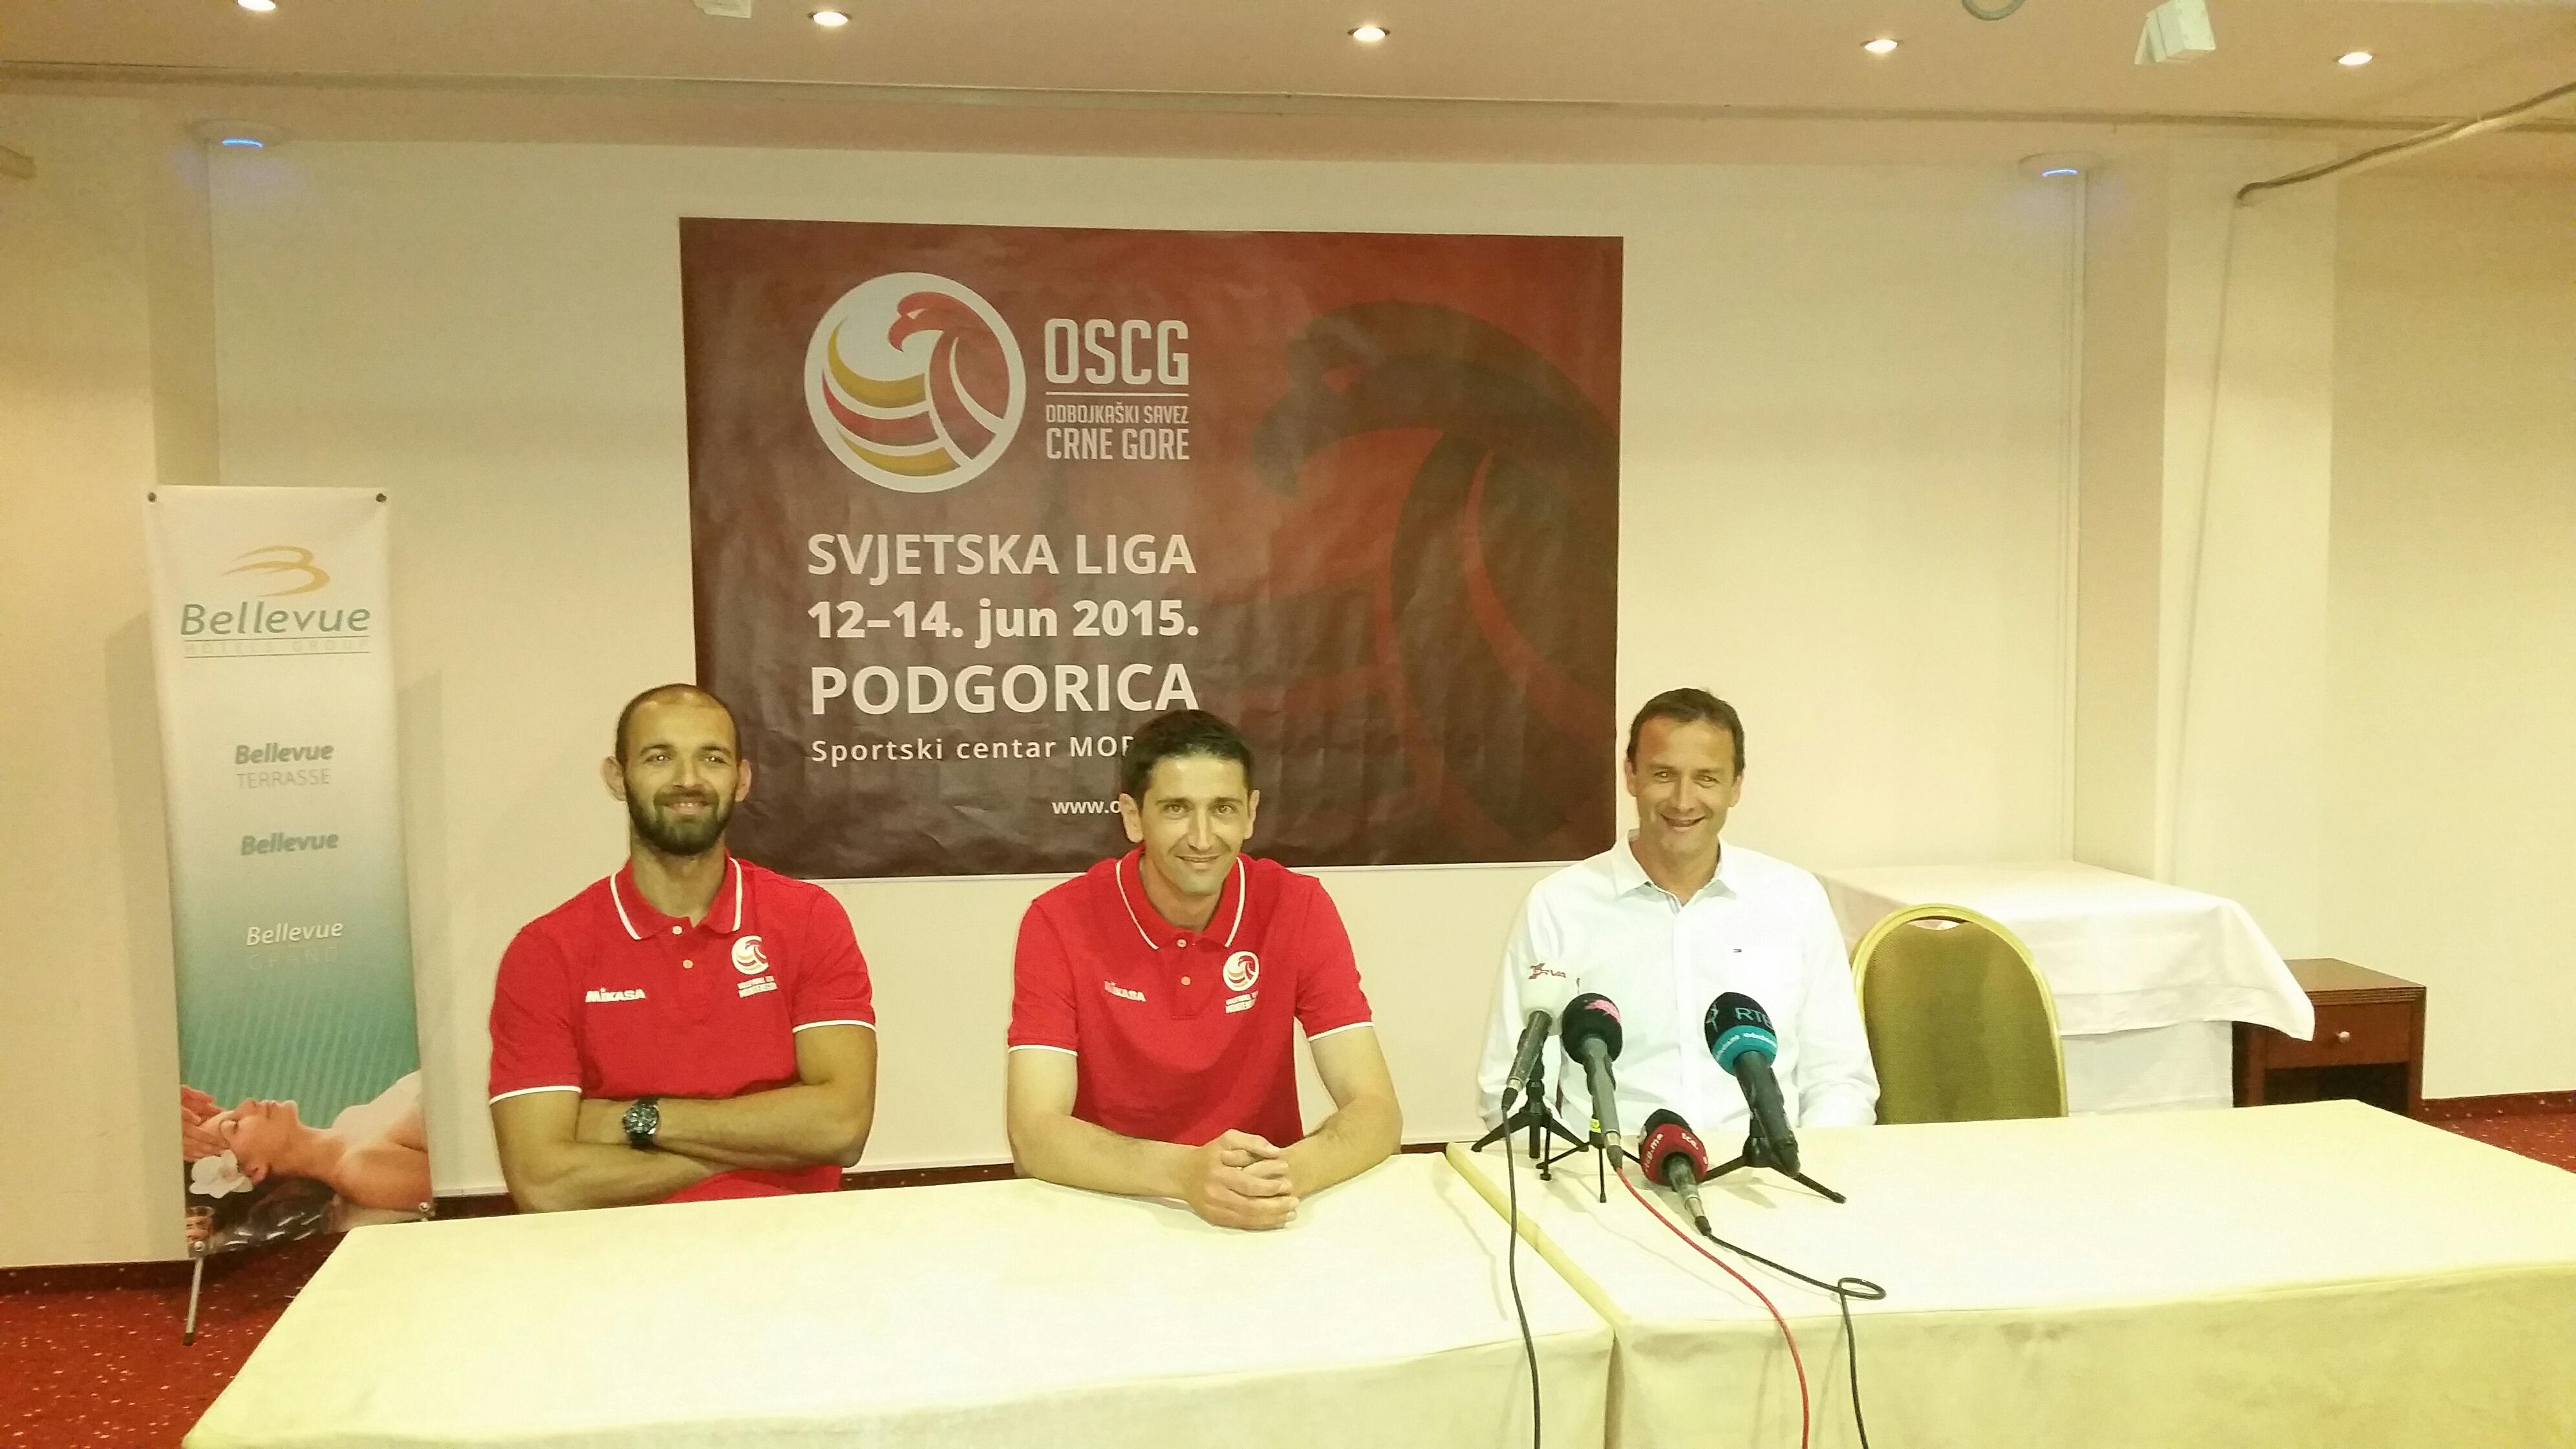 Kapiten Ćaćić, selektor Boškan i predsjednik OSCG Pajković na press-u